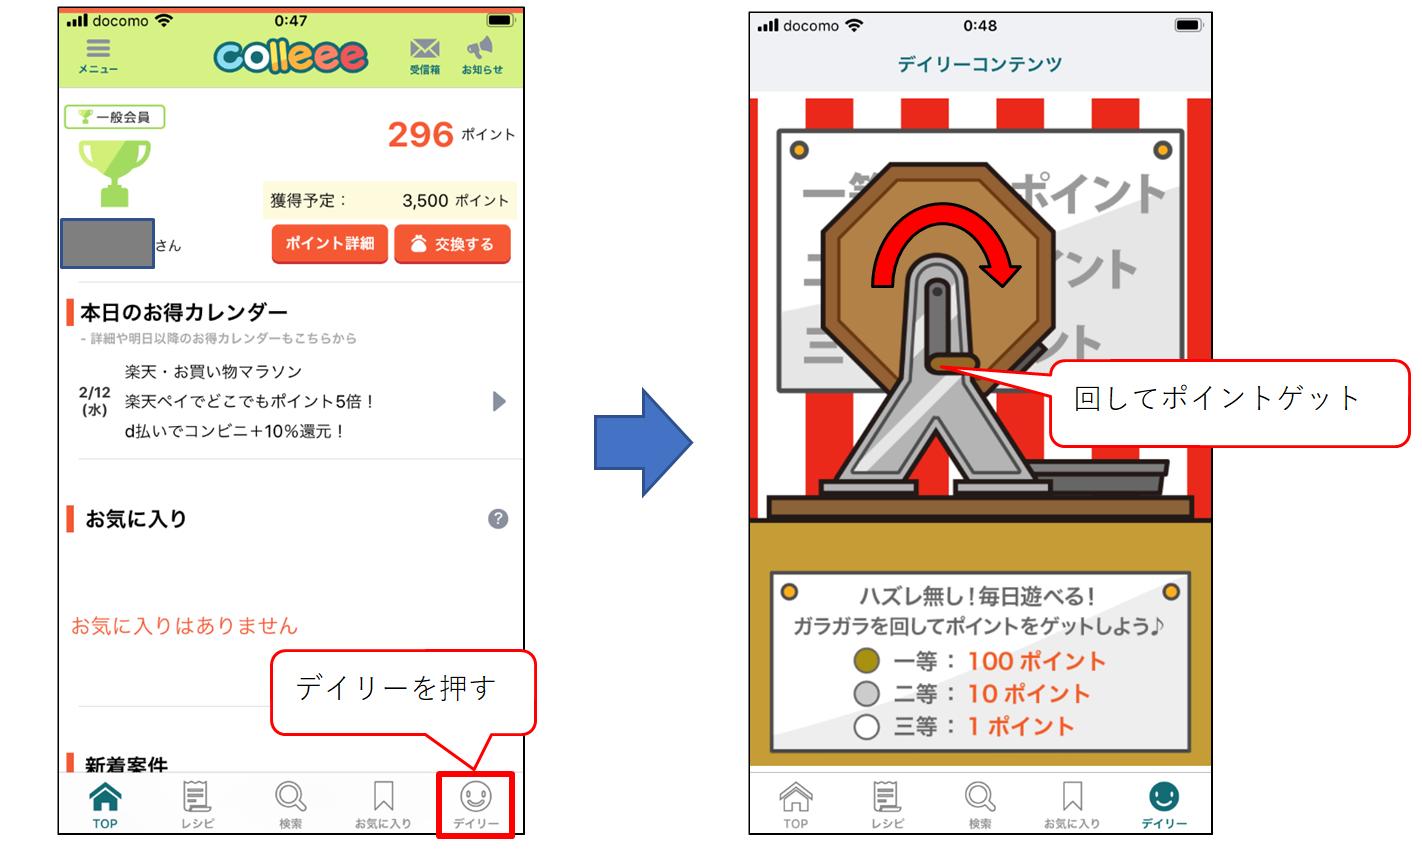 アプリ版のゲームでの稼ぎ方を説明